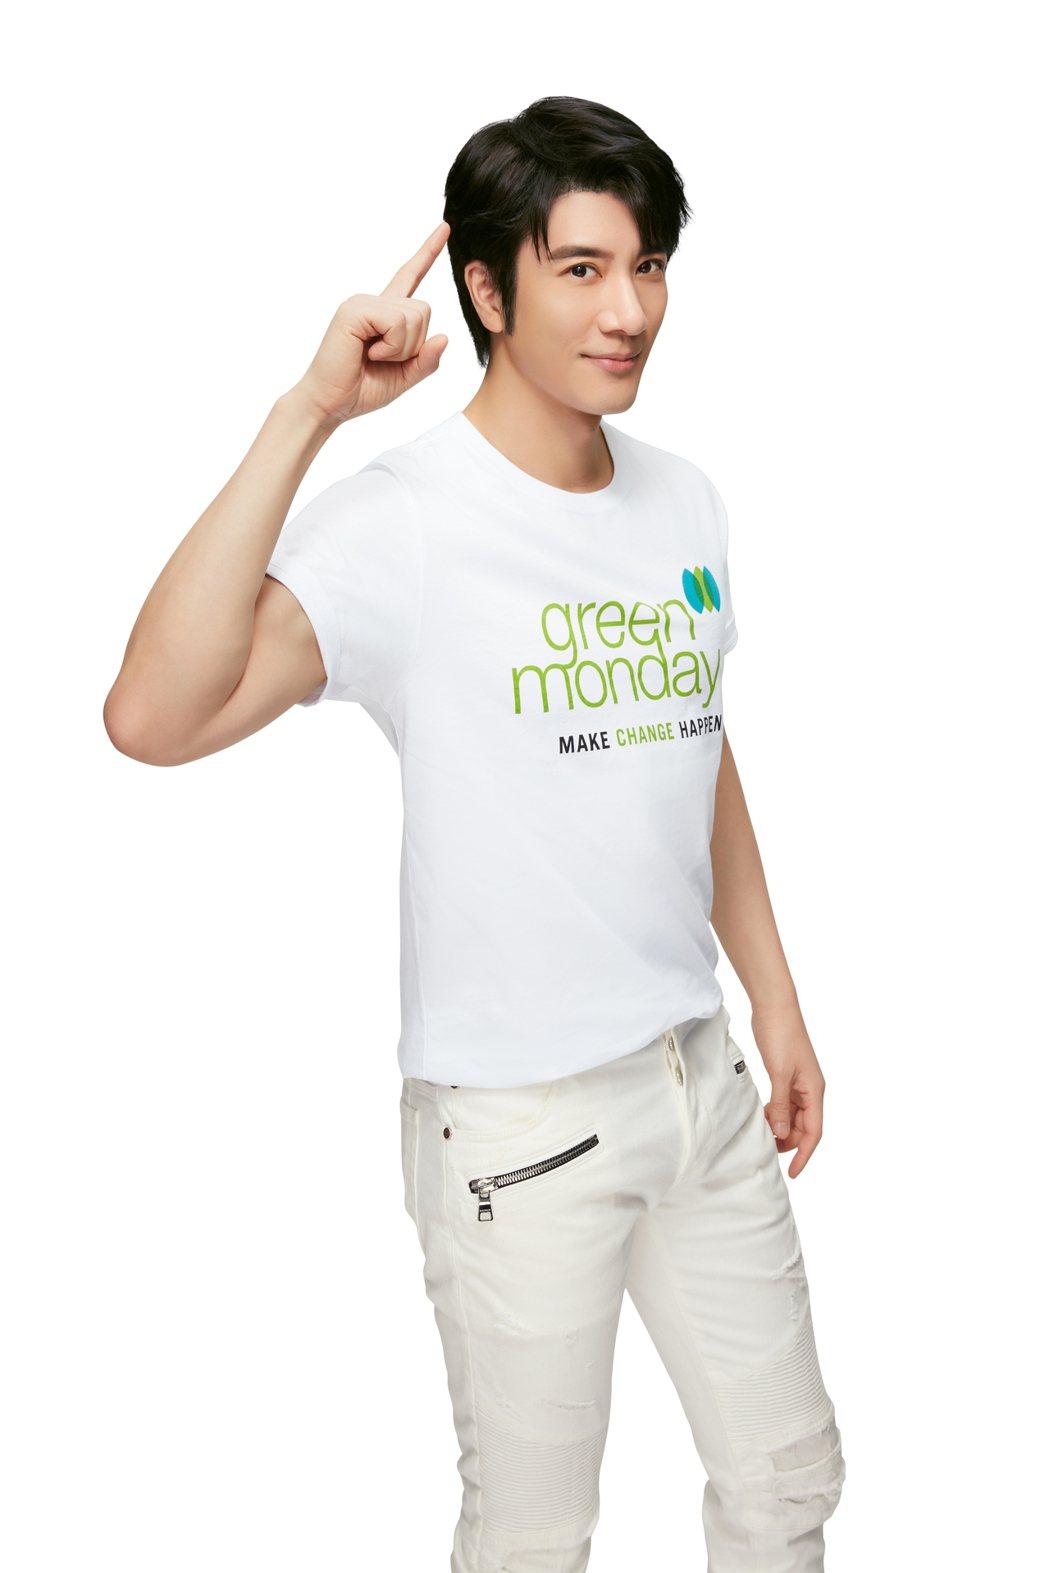 王力宏擔任Green Monday大使及新豬肉的品牌代言人,揪粉絲周一吃素愛地球